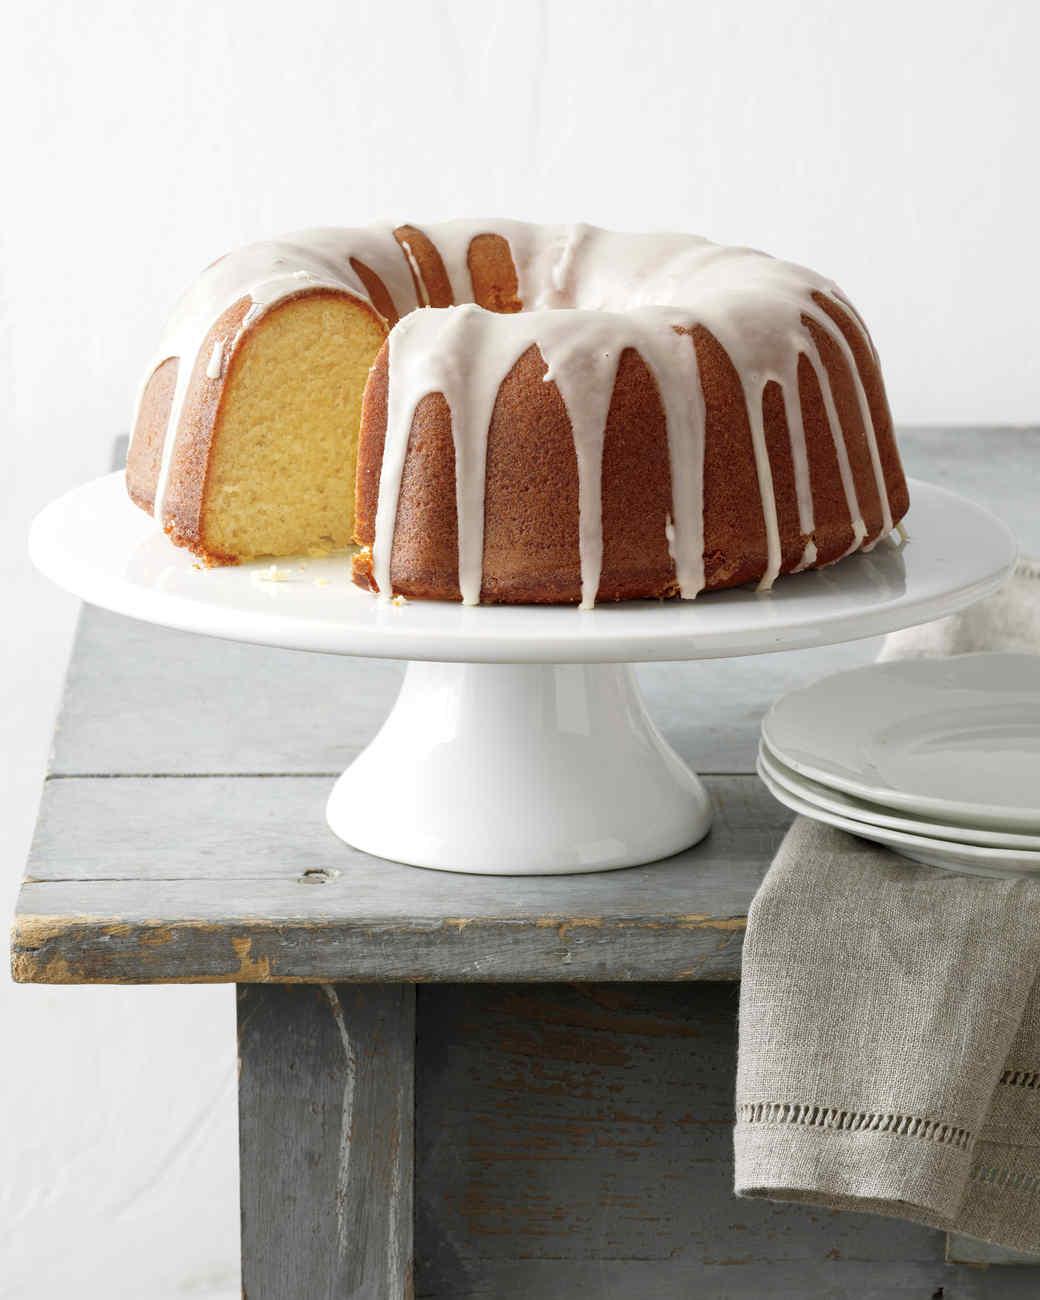 tangerine-cake-med107742.jpg